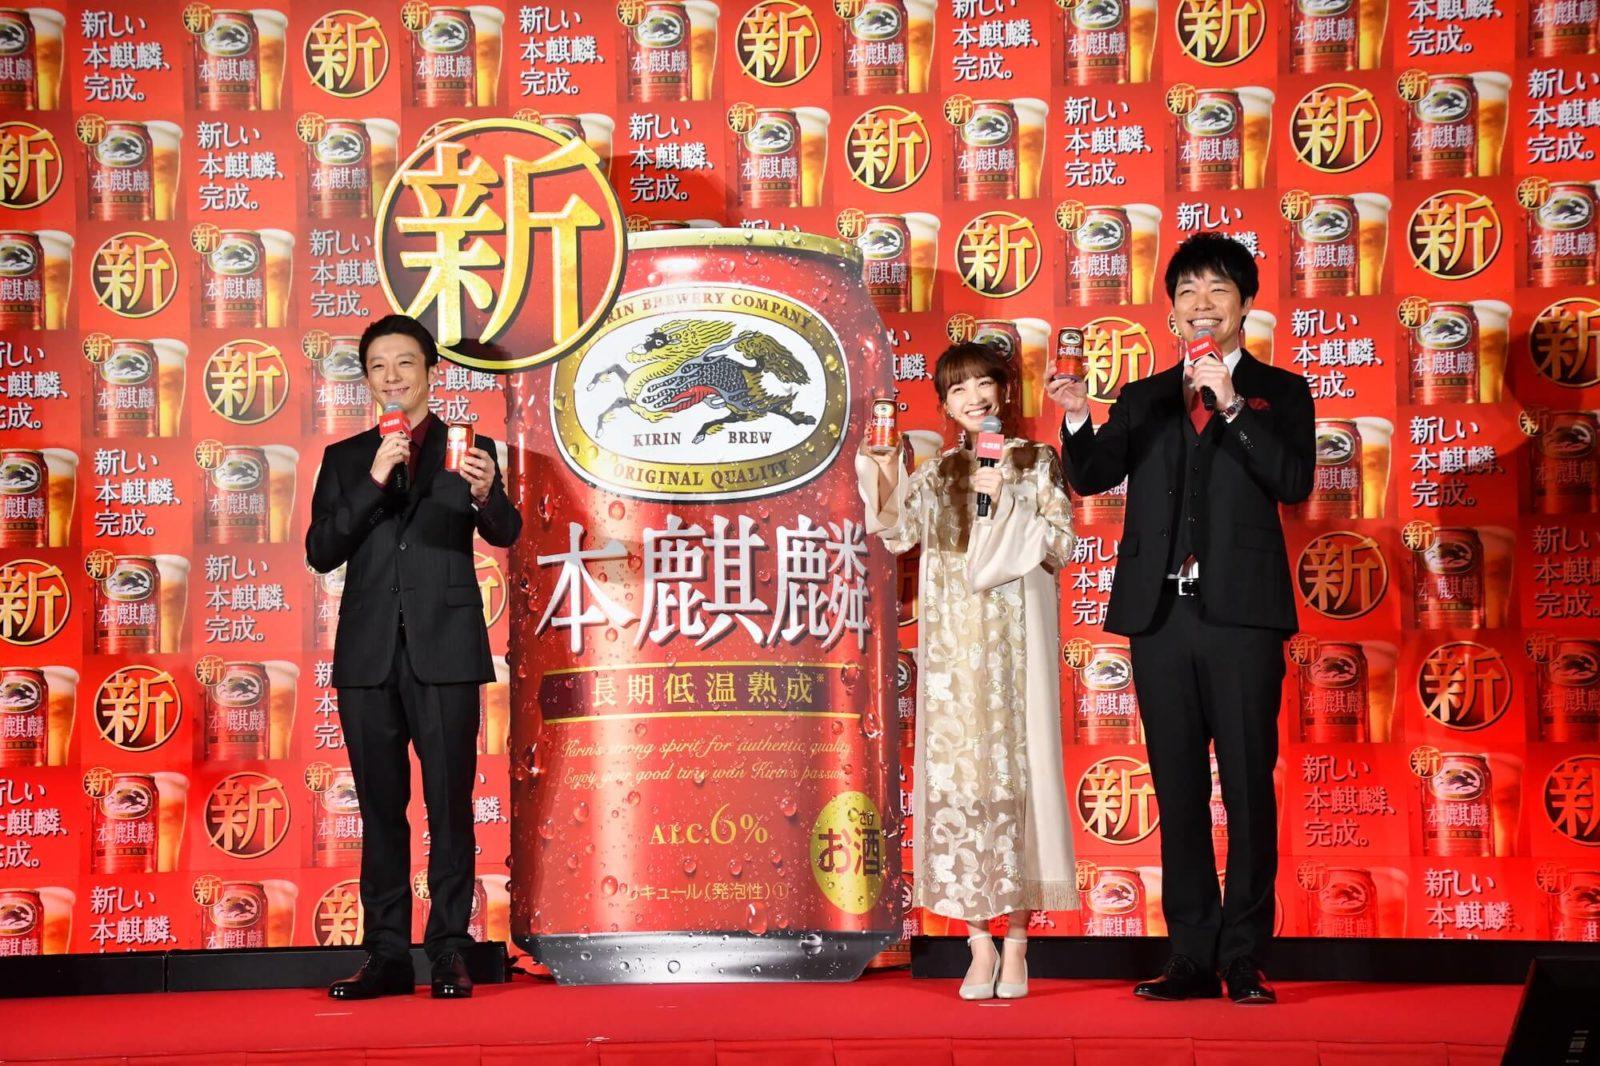 高橋一生、百田夏菜子&川島明と朝から乾杯…華麗なスーツ姿でホスト役もサムネイル画像